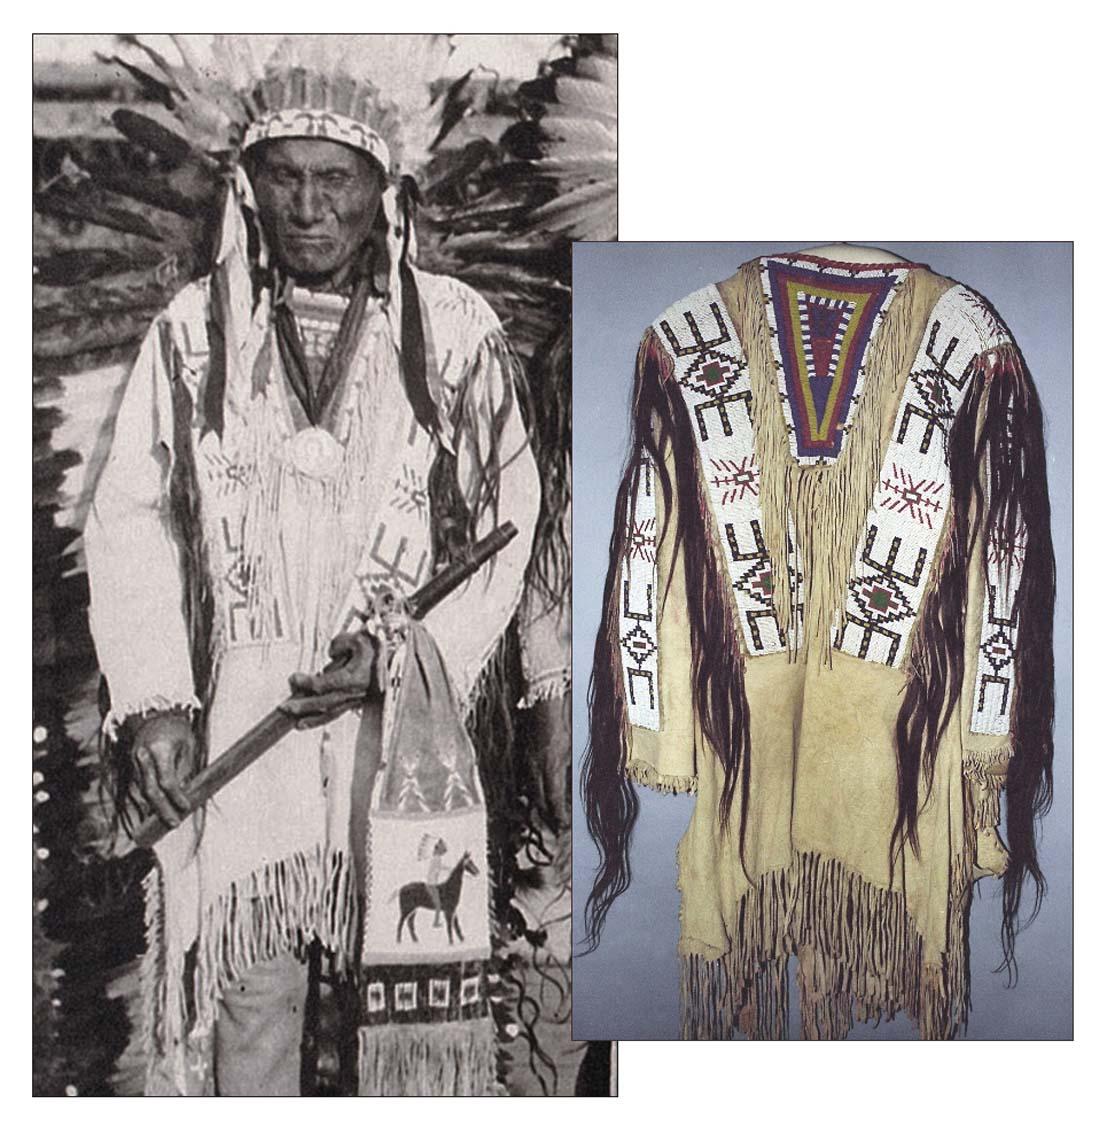 http://www.american-tribes.com/messageboards/dietmar/1913koos13.jpg